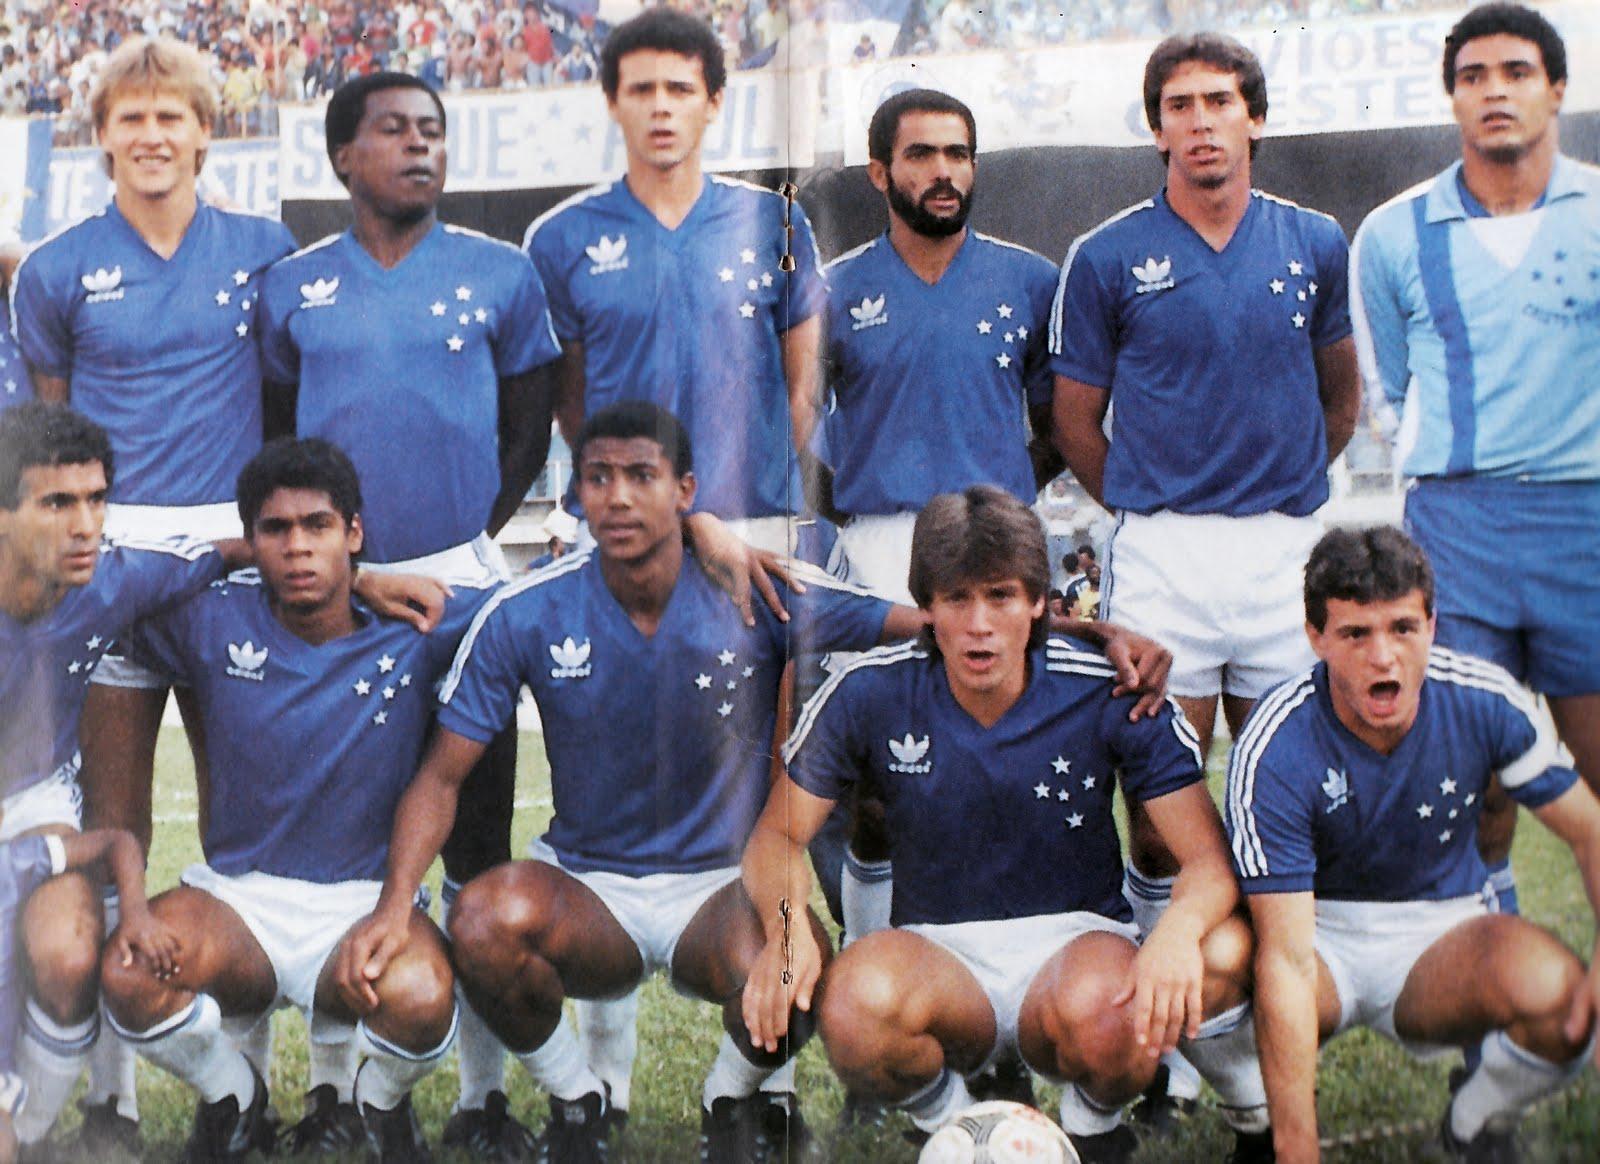 Tópico Oficial Uniformes - Clubes   Seleções de Futebol - Página 131 dfb8172546527